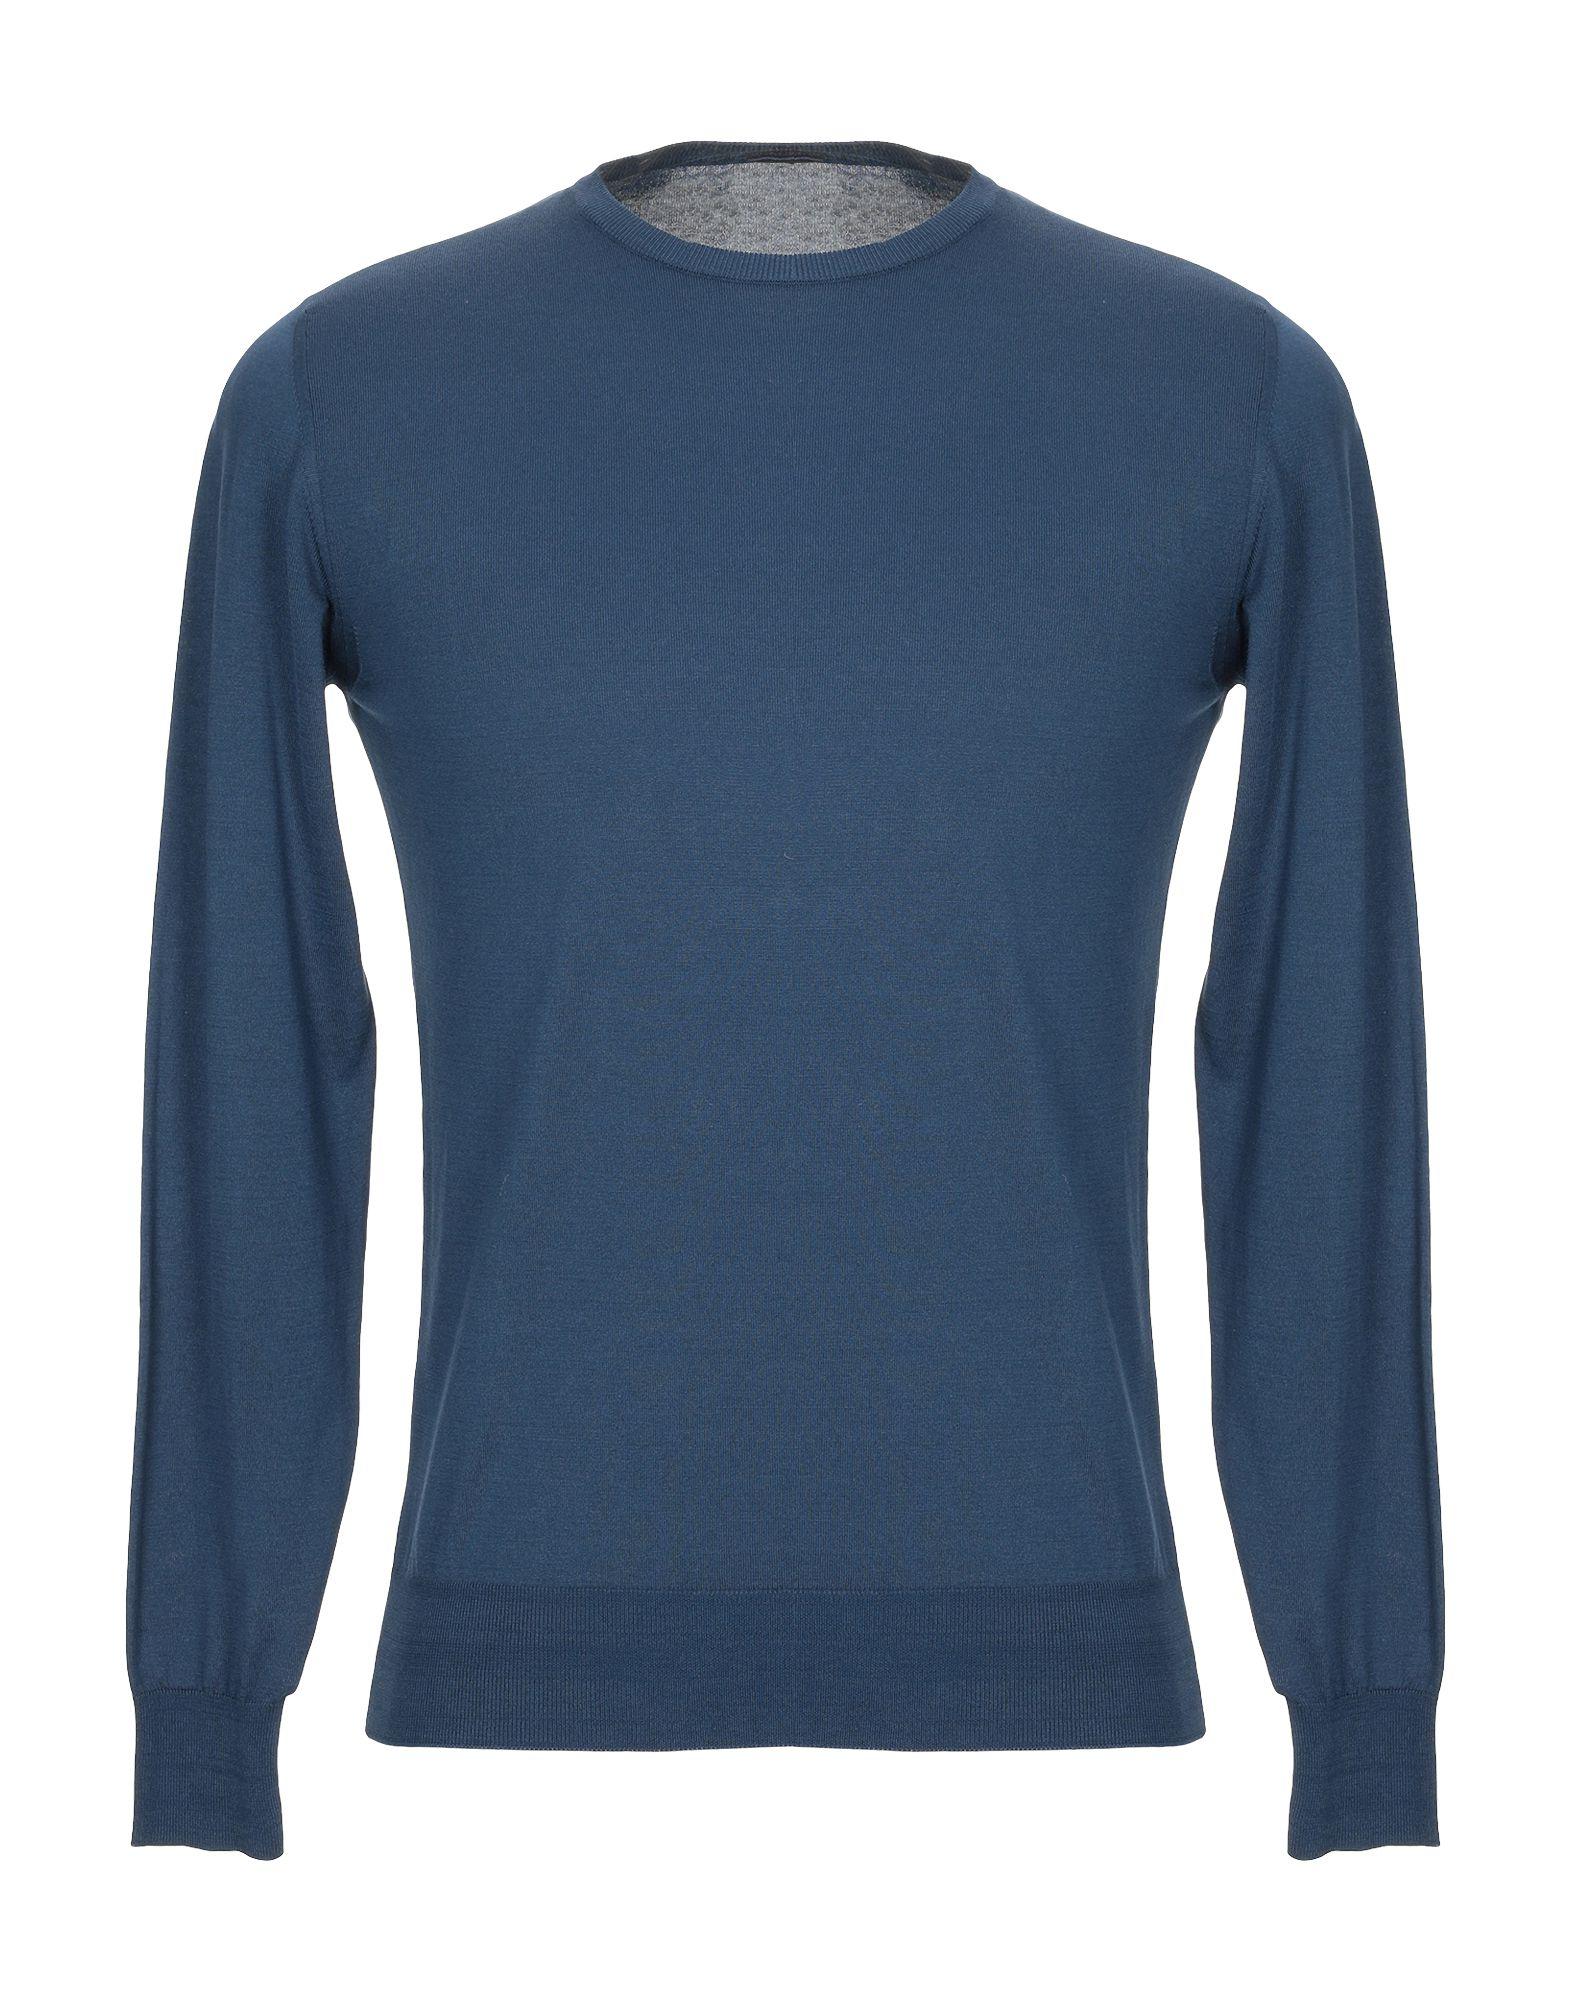 《送料無料》MICHI D'AMATO メンズ プルオーバー ブルー 48 コットン 100%